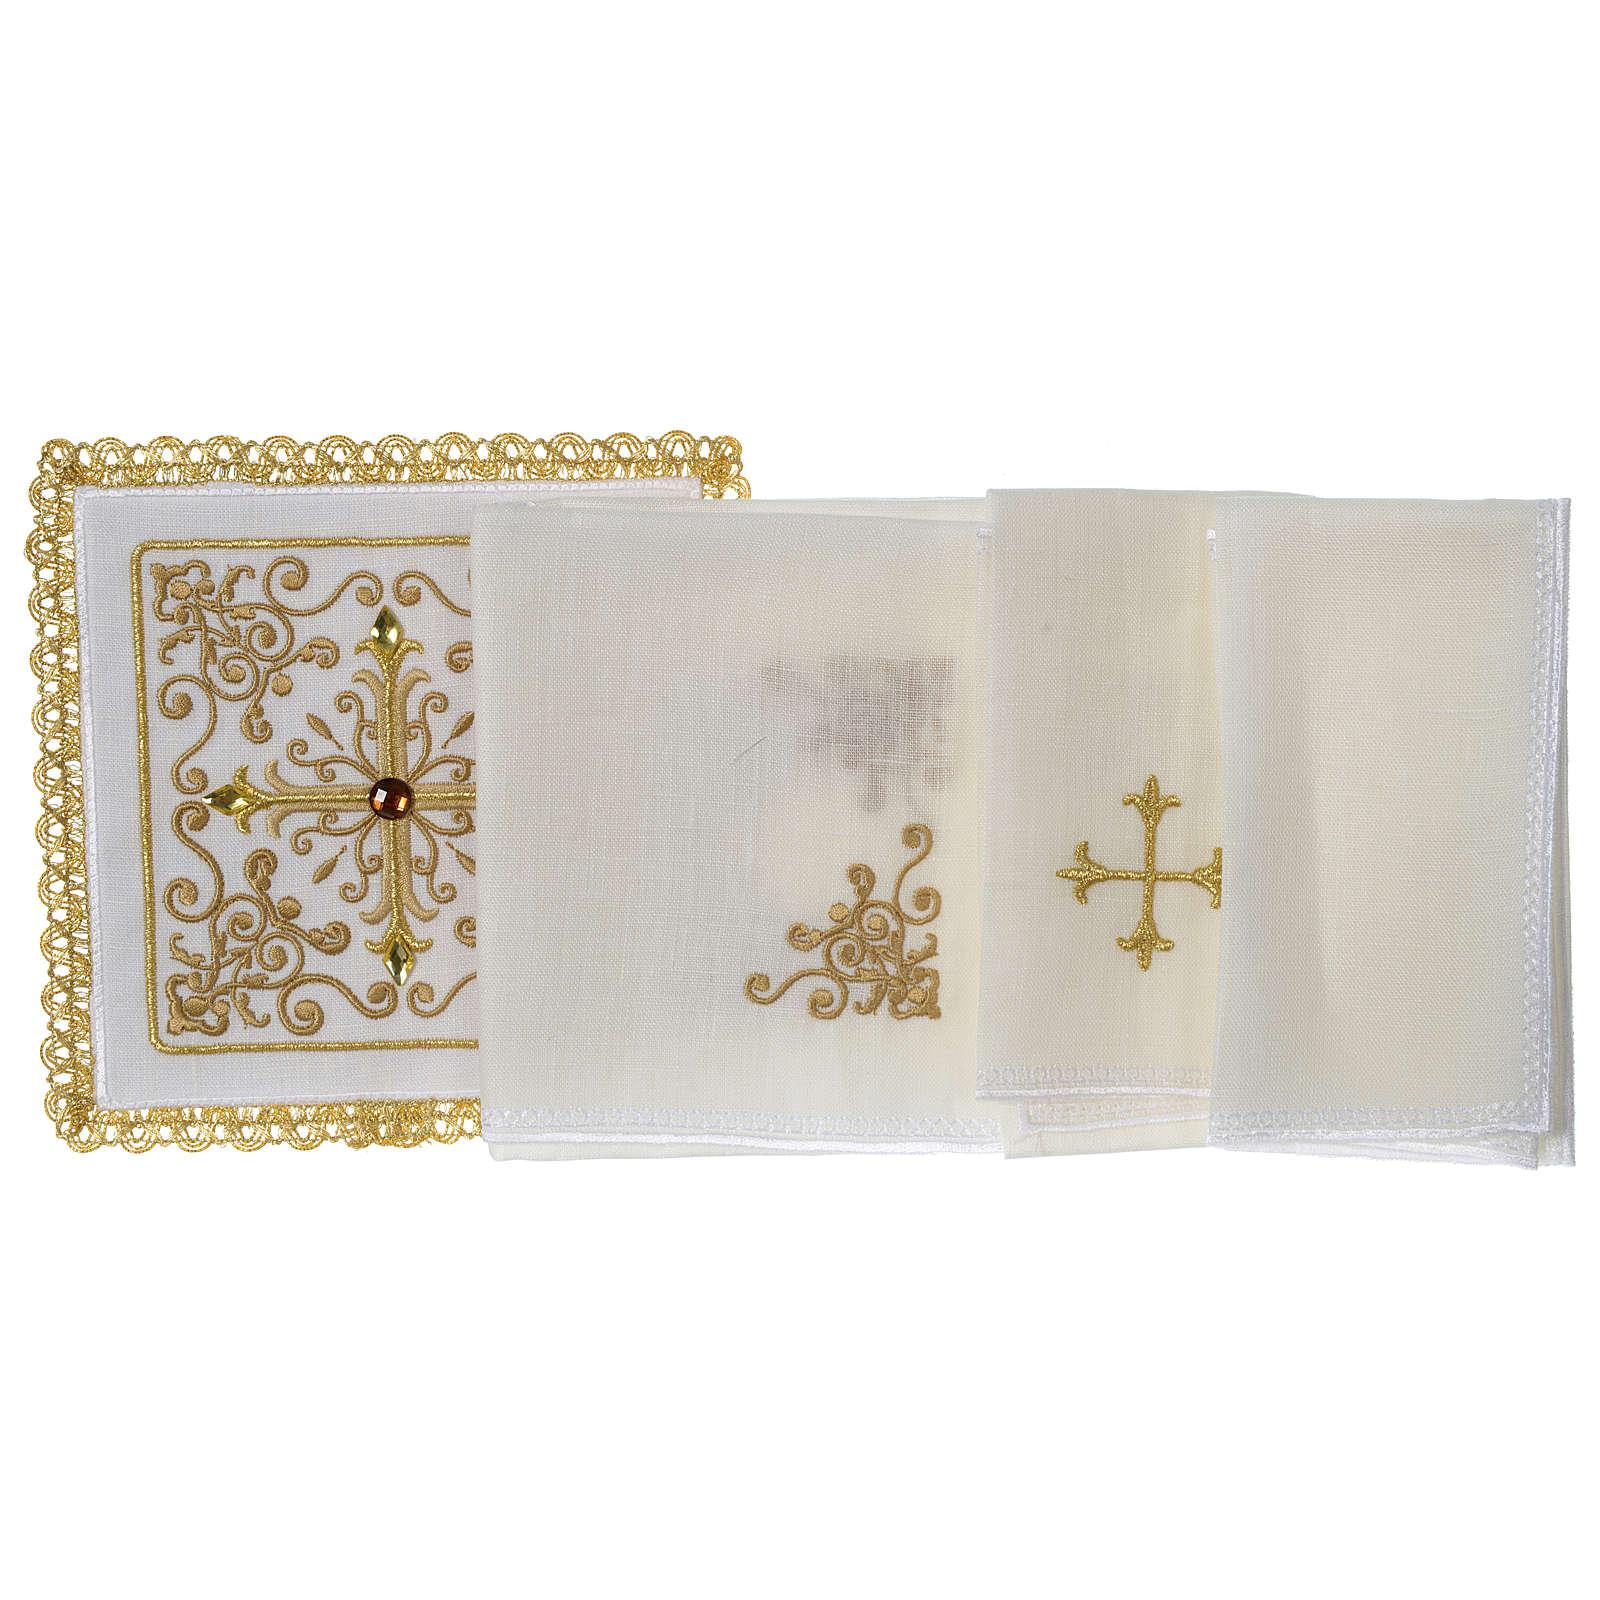 Servizio da altare 100% lino Croce tralci pietre 4